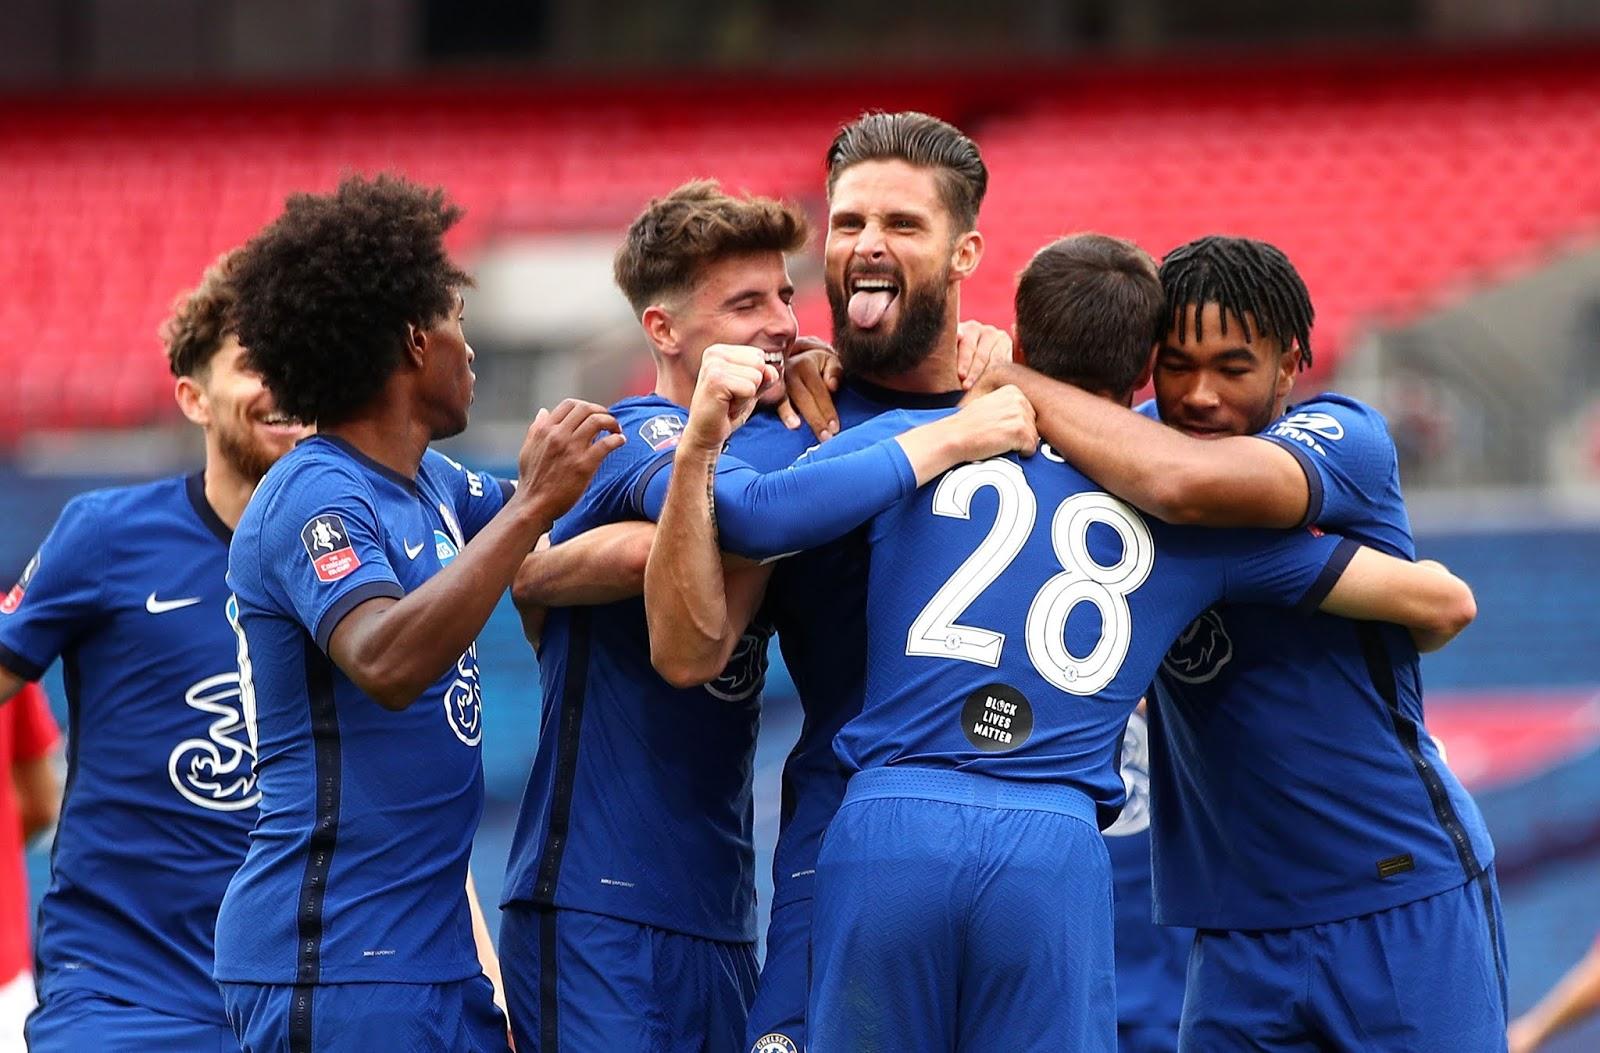 Chelsea se clasificó a la final de la FA Cup tras vencer al Manchester United